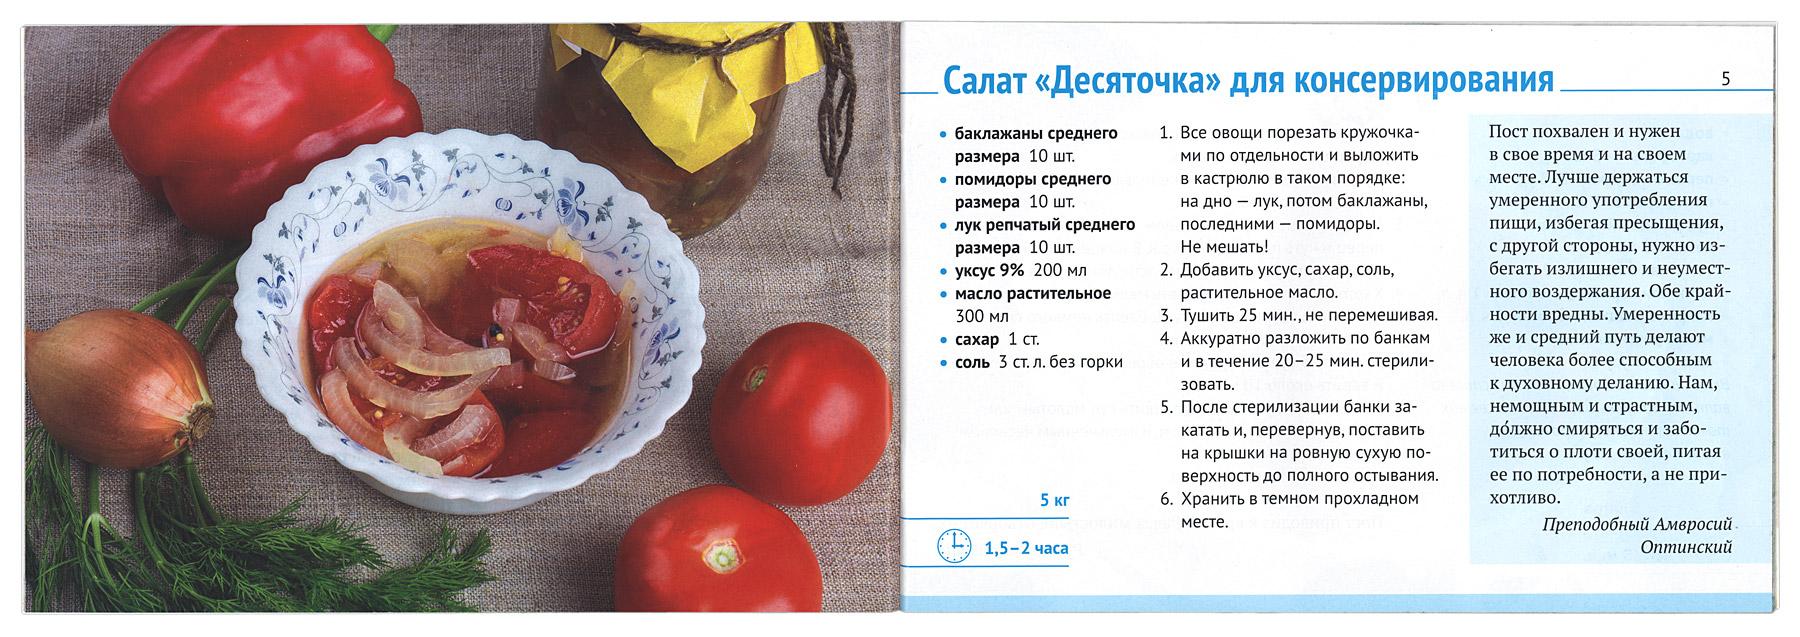 Рецепт постного второго блюда